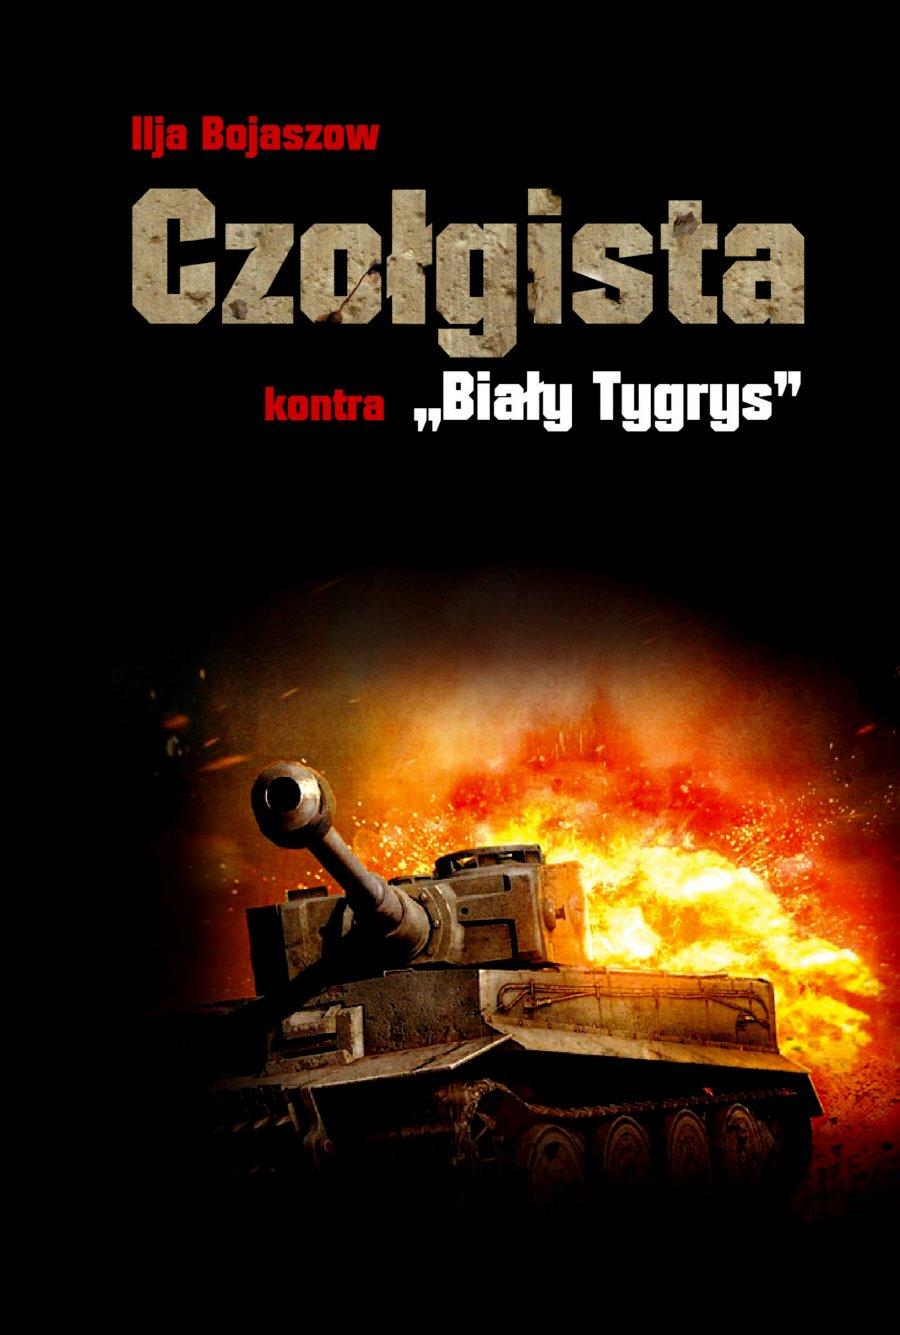 """Czołgista kontra ,,Biały Tygrys"""" - Ebook (Książka na Kindle) do pobrania w formacie MOBI"""